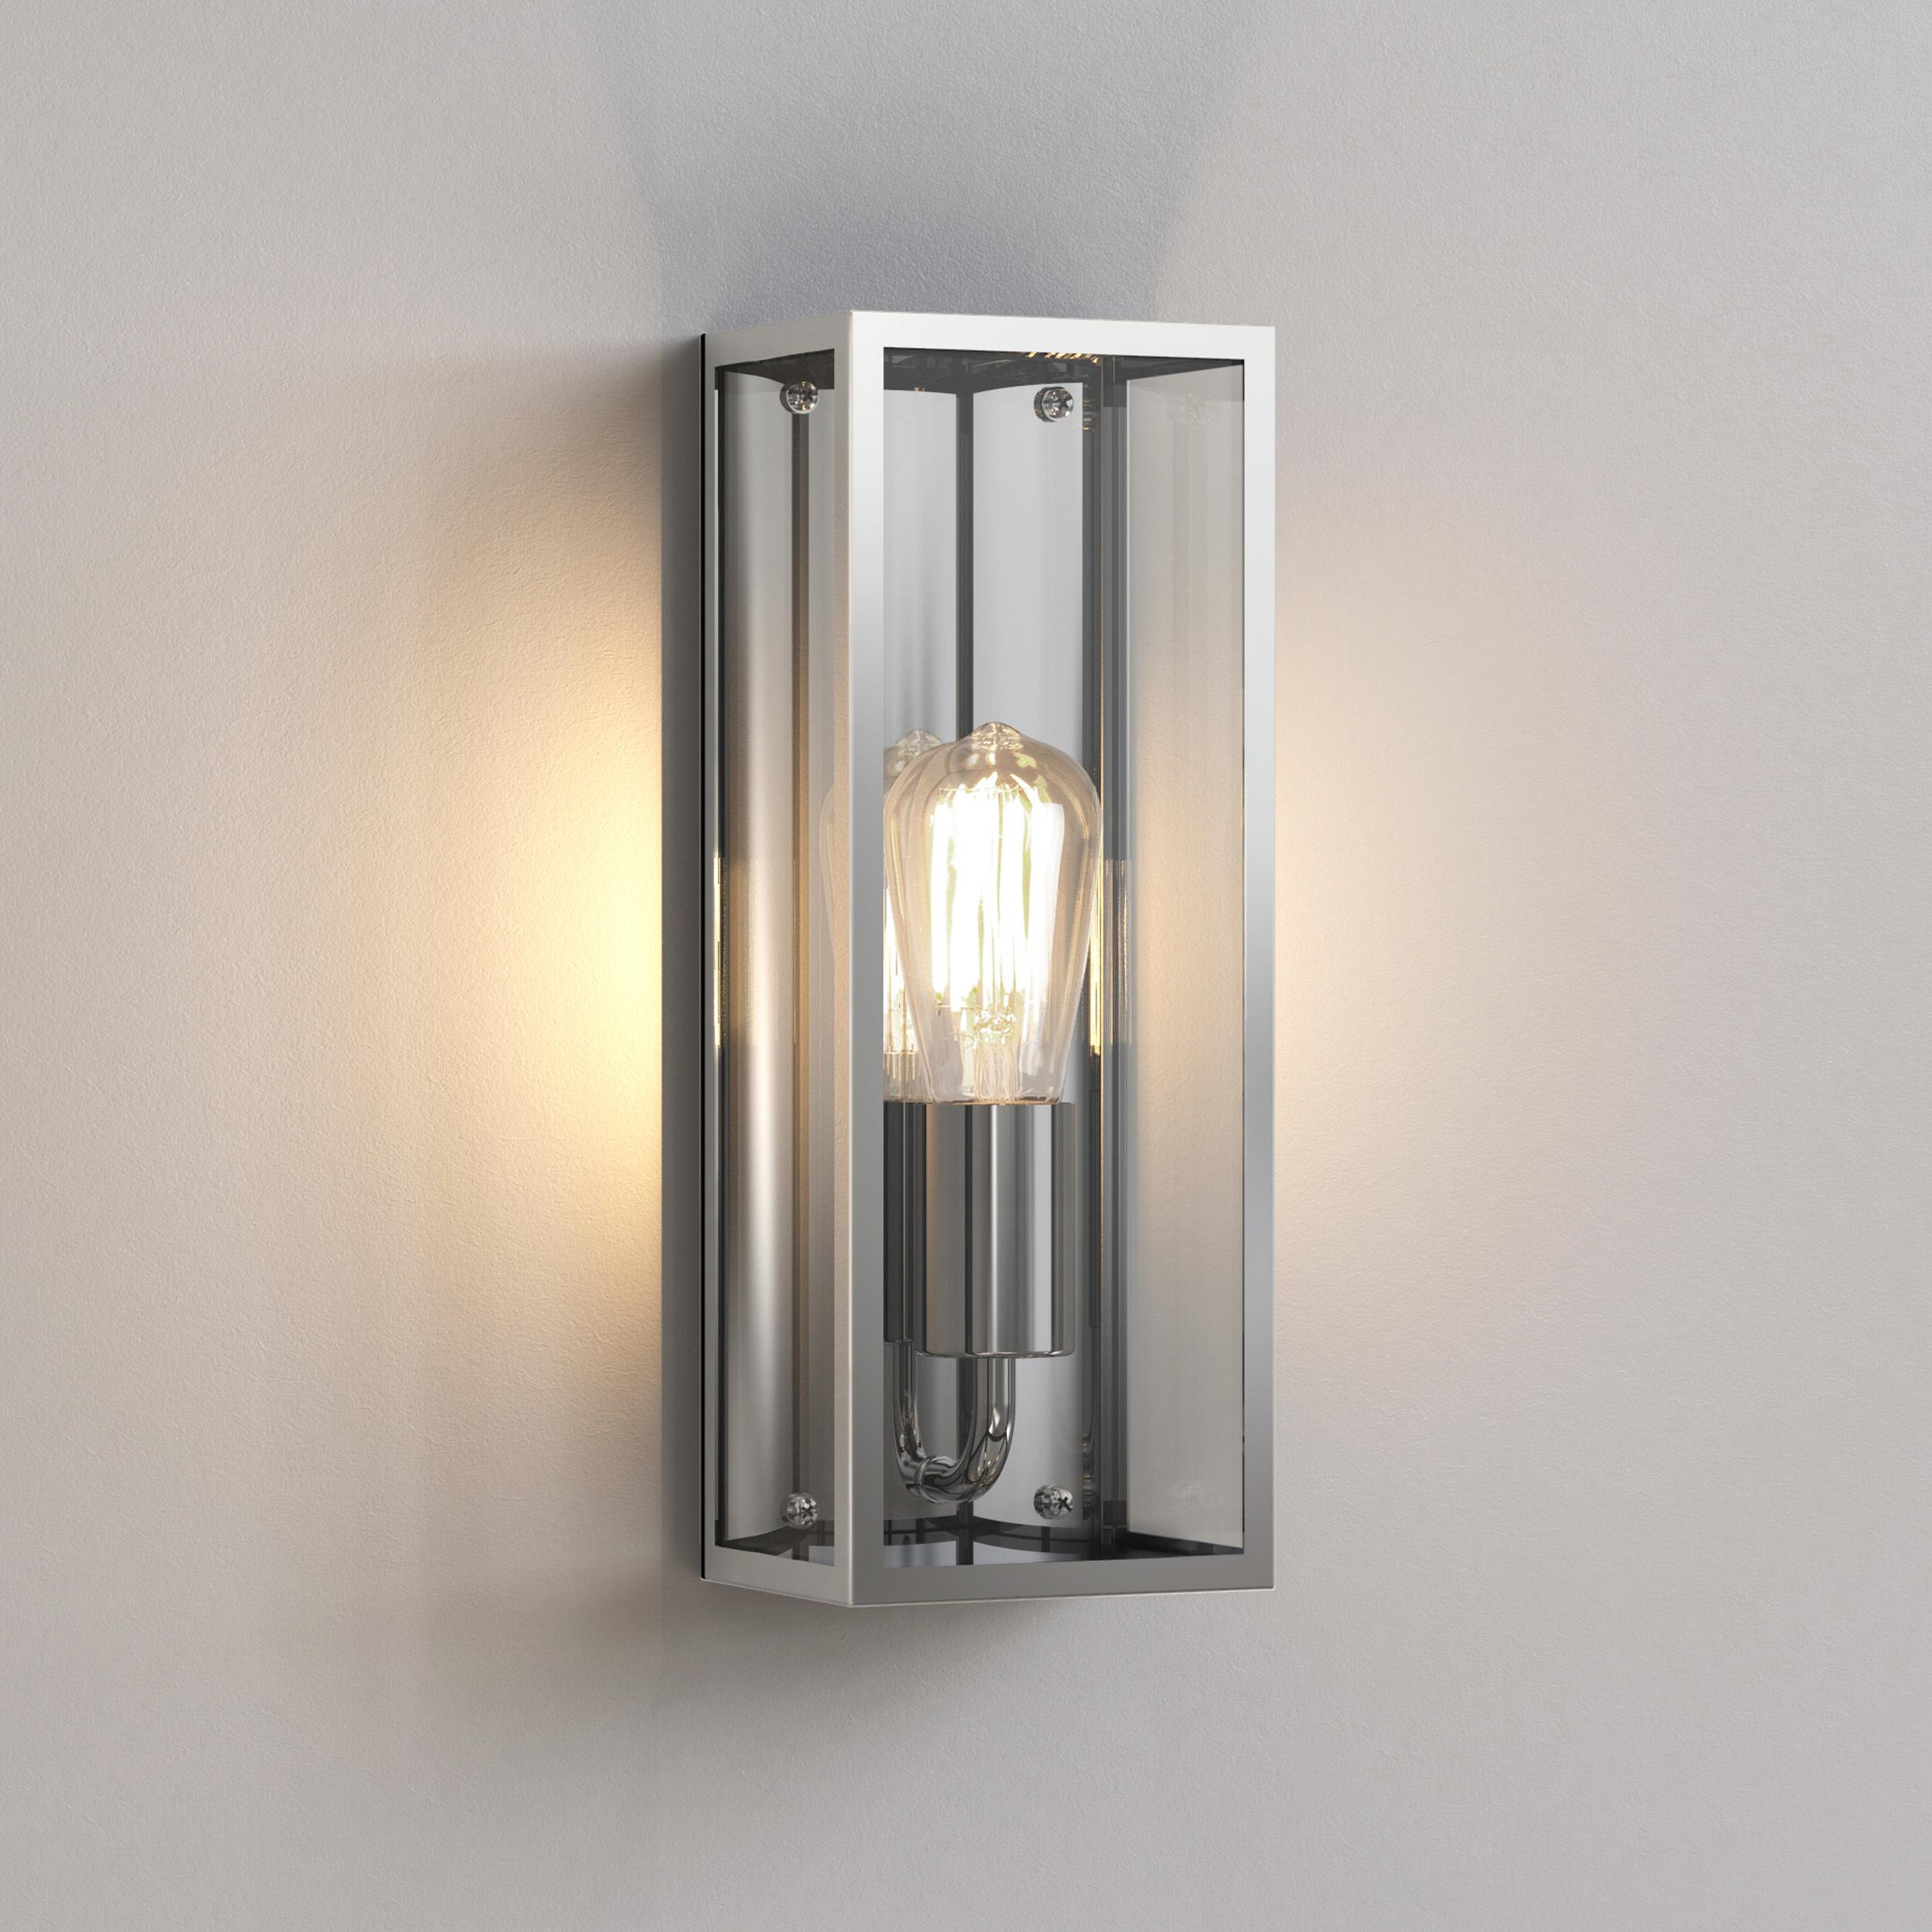 Настенный светильник Astro Messina 1183006 (7860), IP44, 1xE27x60W, никель, прозрачный, стекло - фото 1